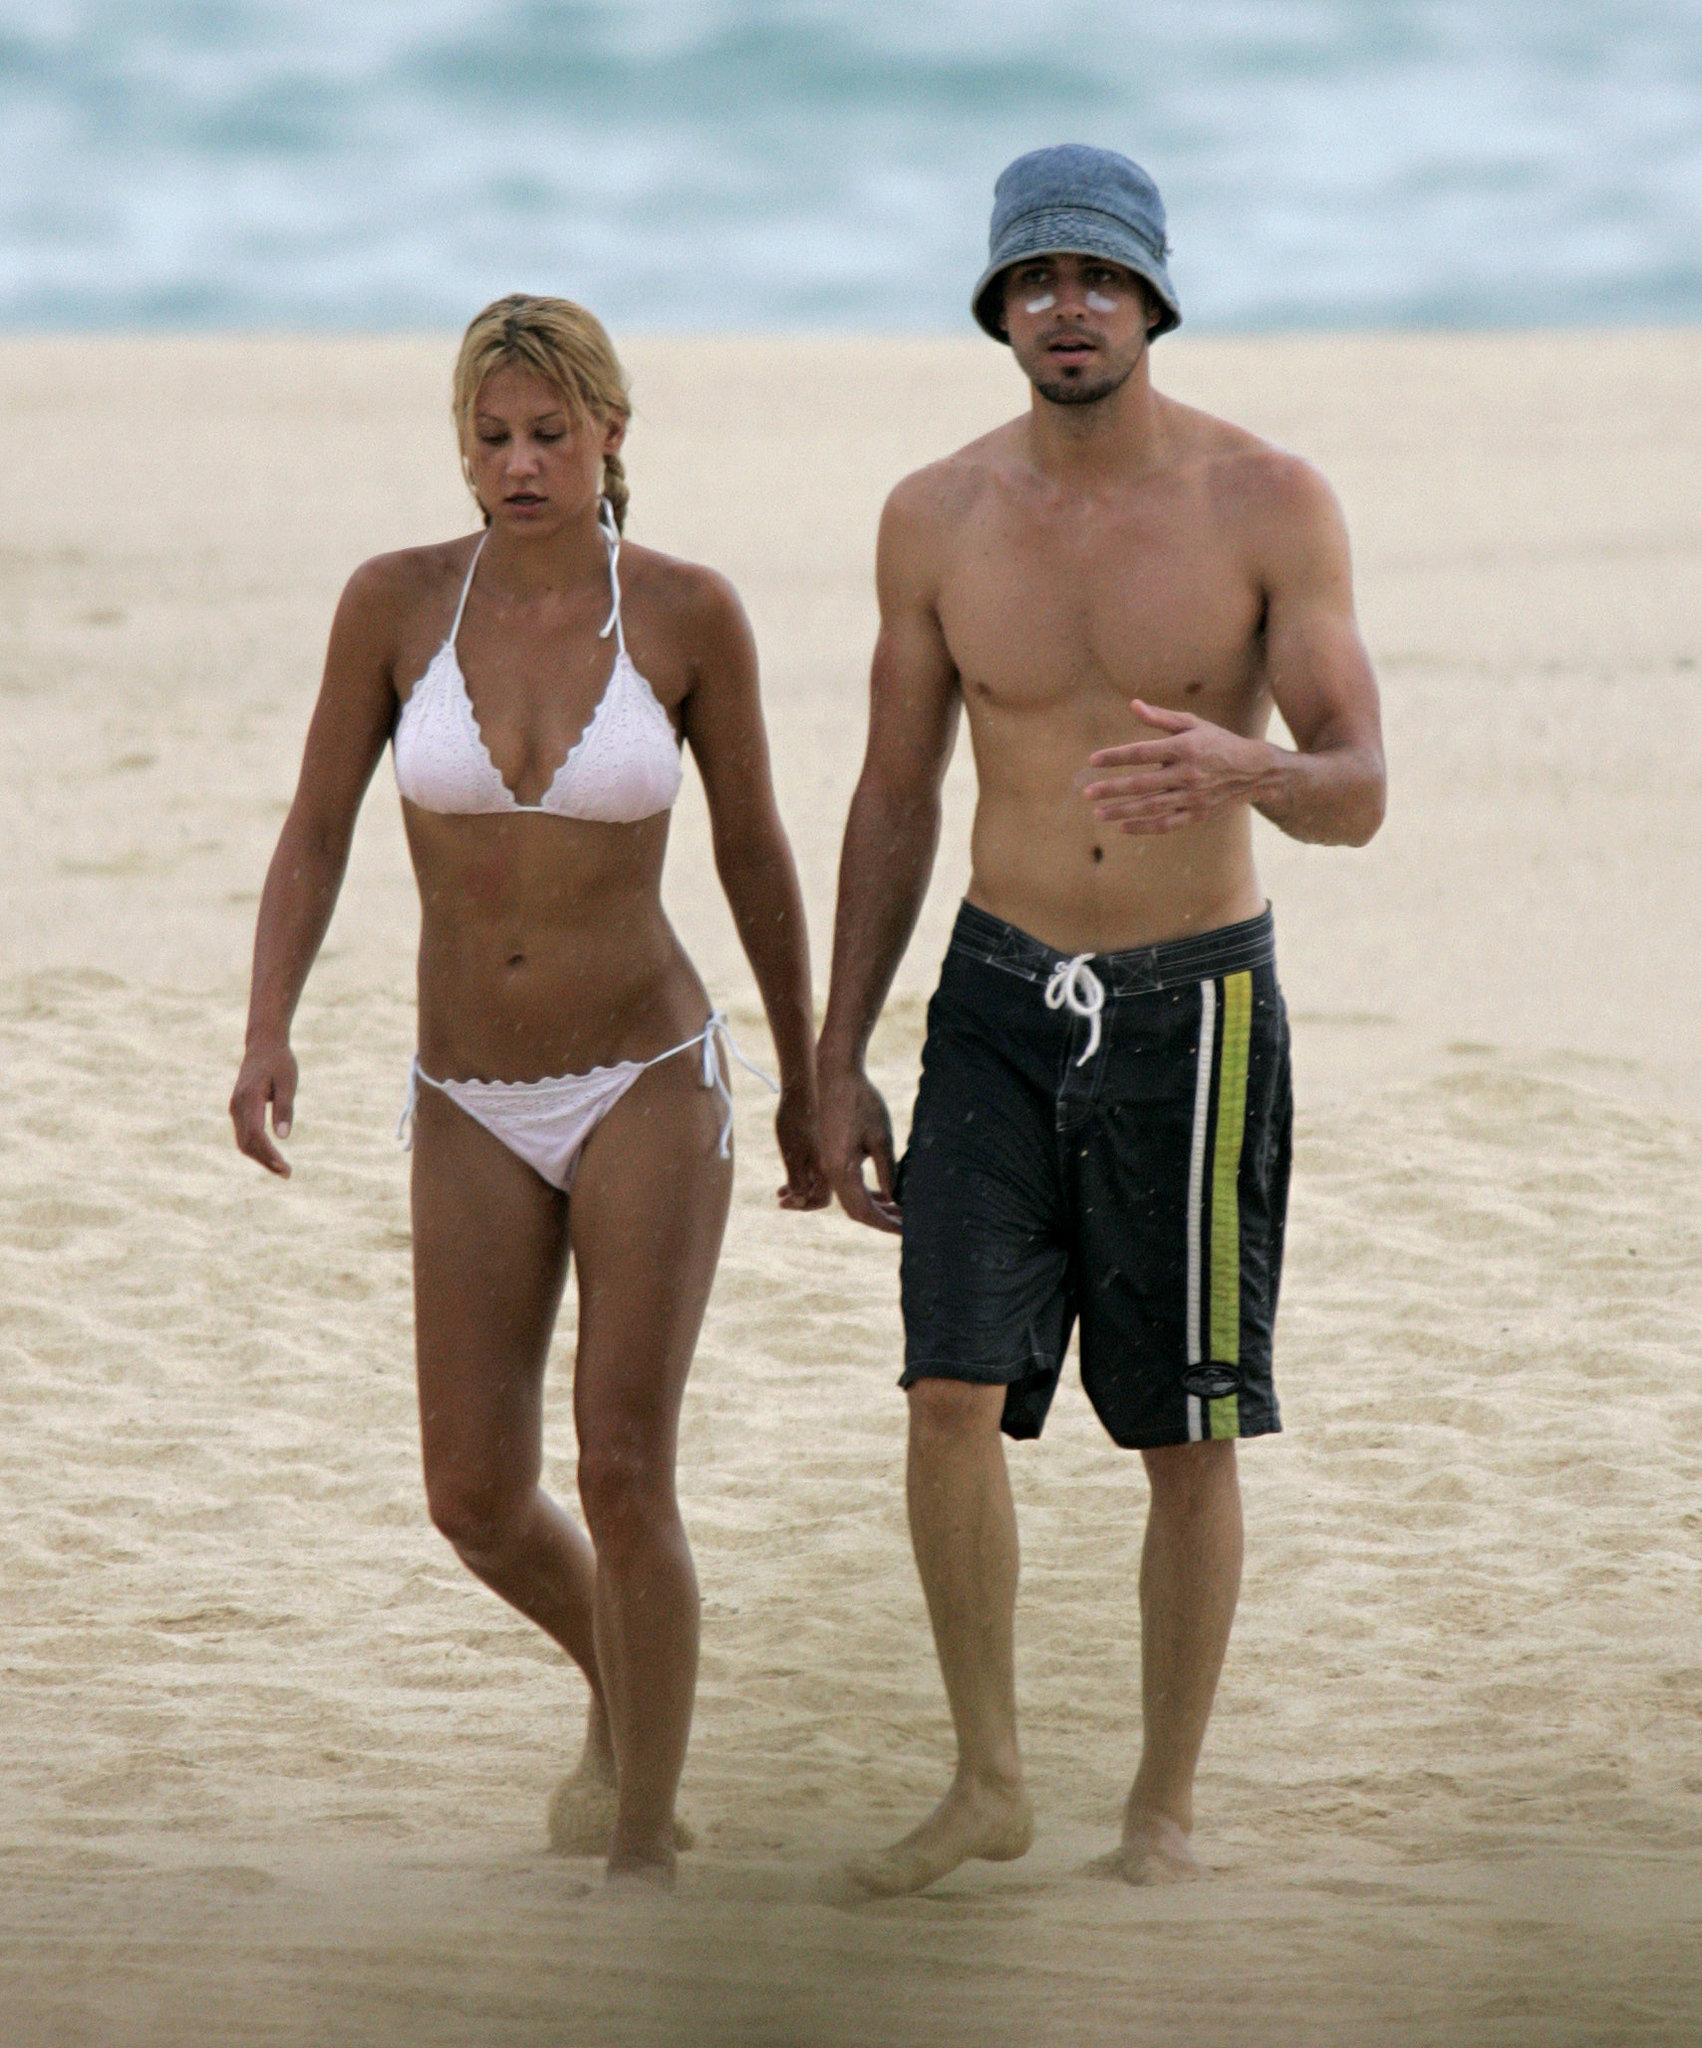 Anna Kournikova wore a white bikini to hit the beach in Mexico with Enrique Iglesias in October 2004.